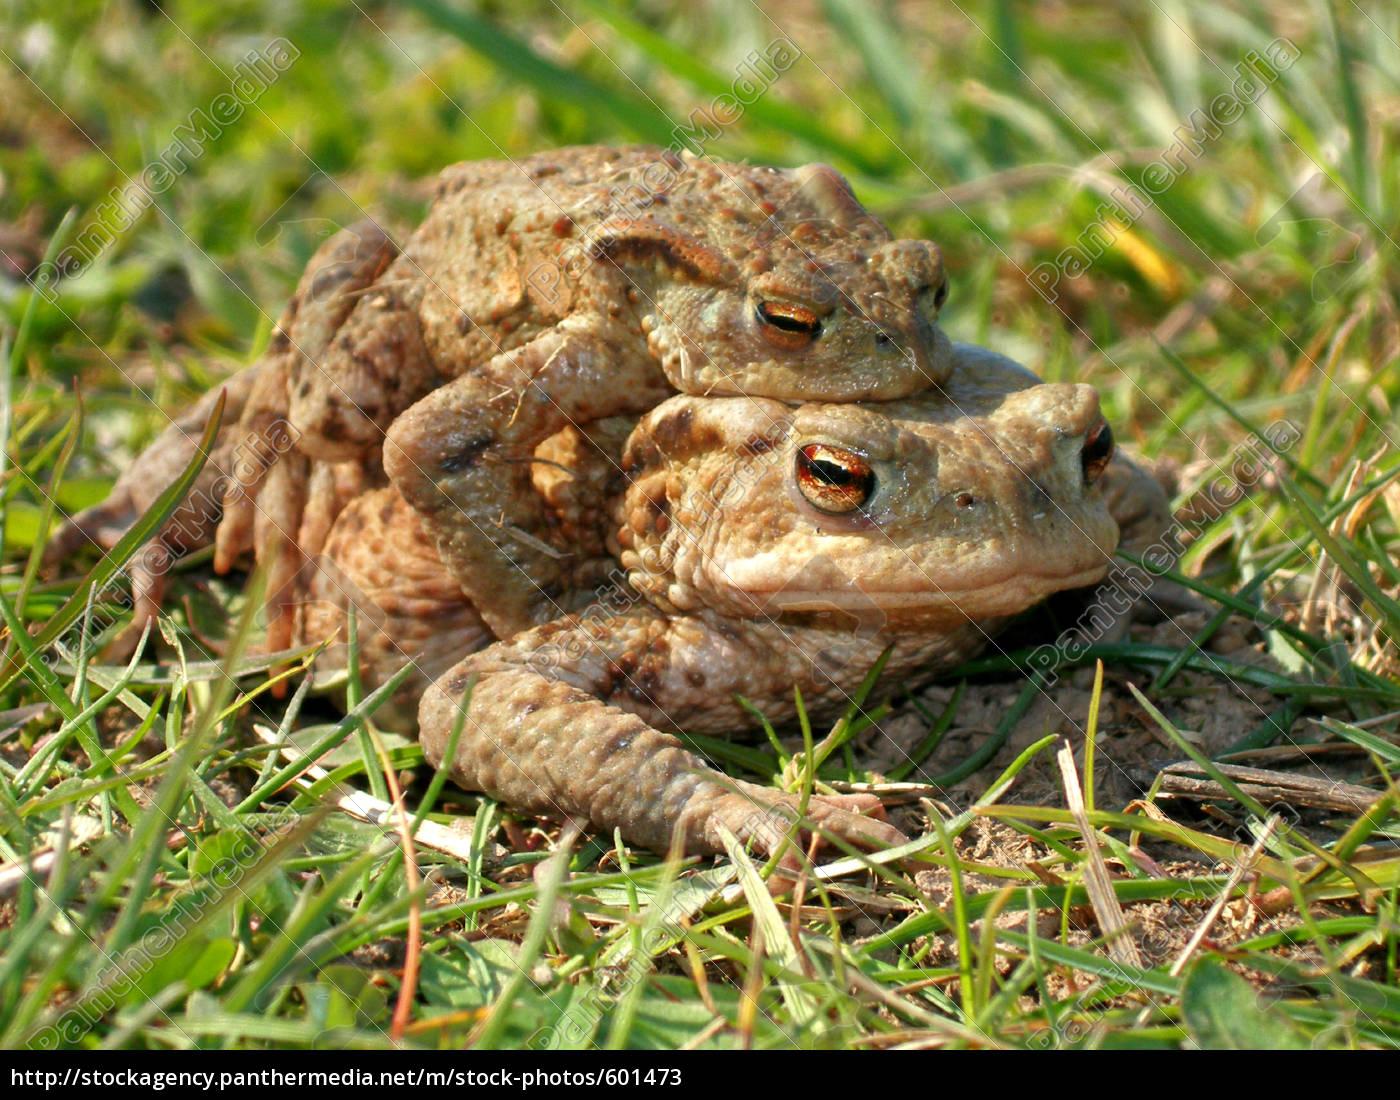 toads, -, hike - 601473